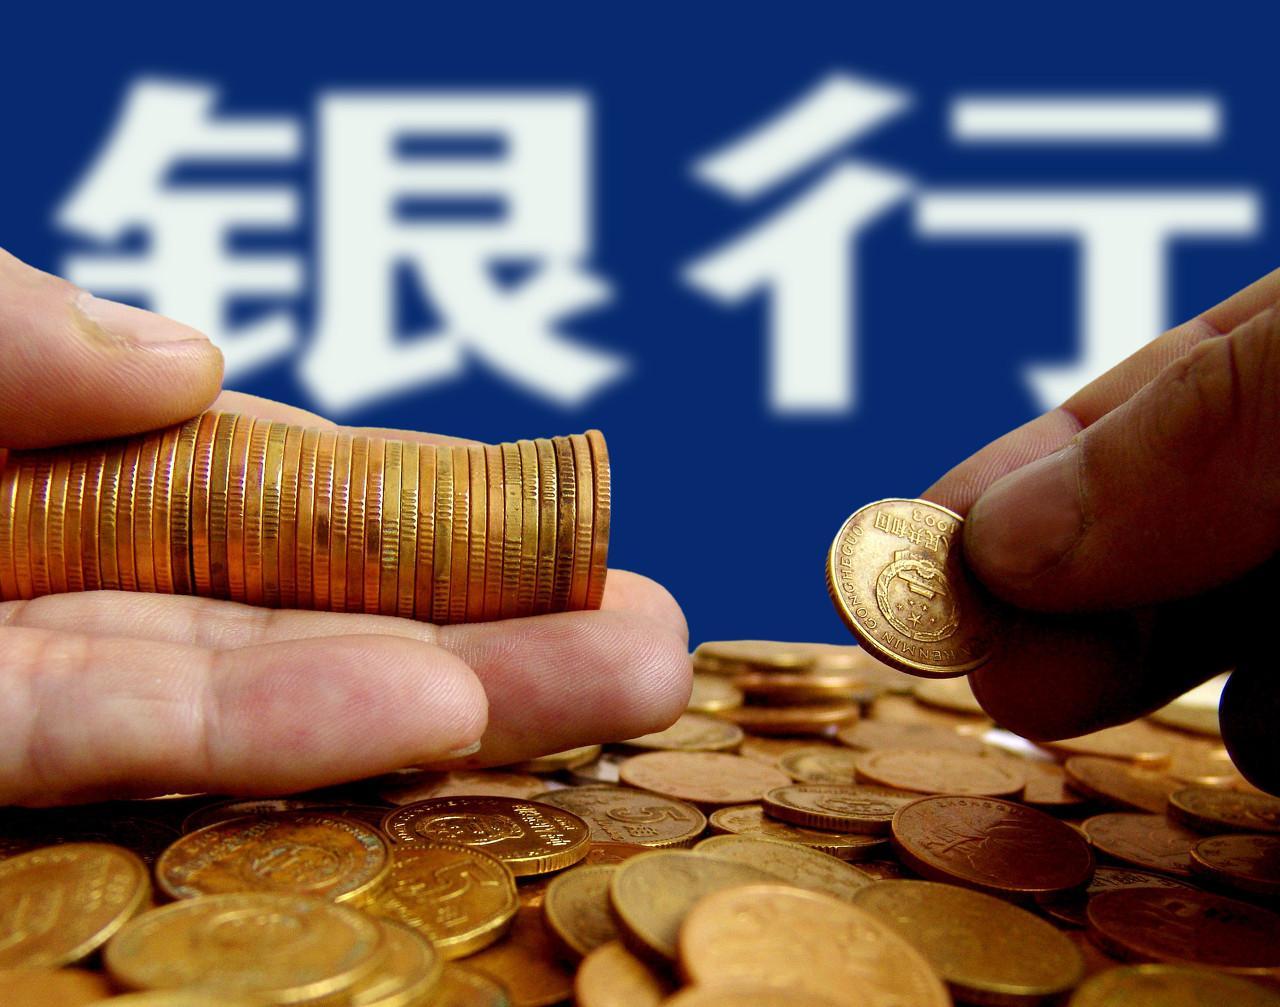 【金融】零售银行四力模型:客户为本,业绩为终